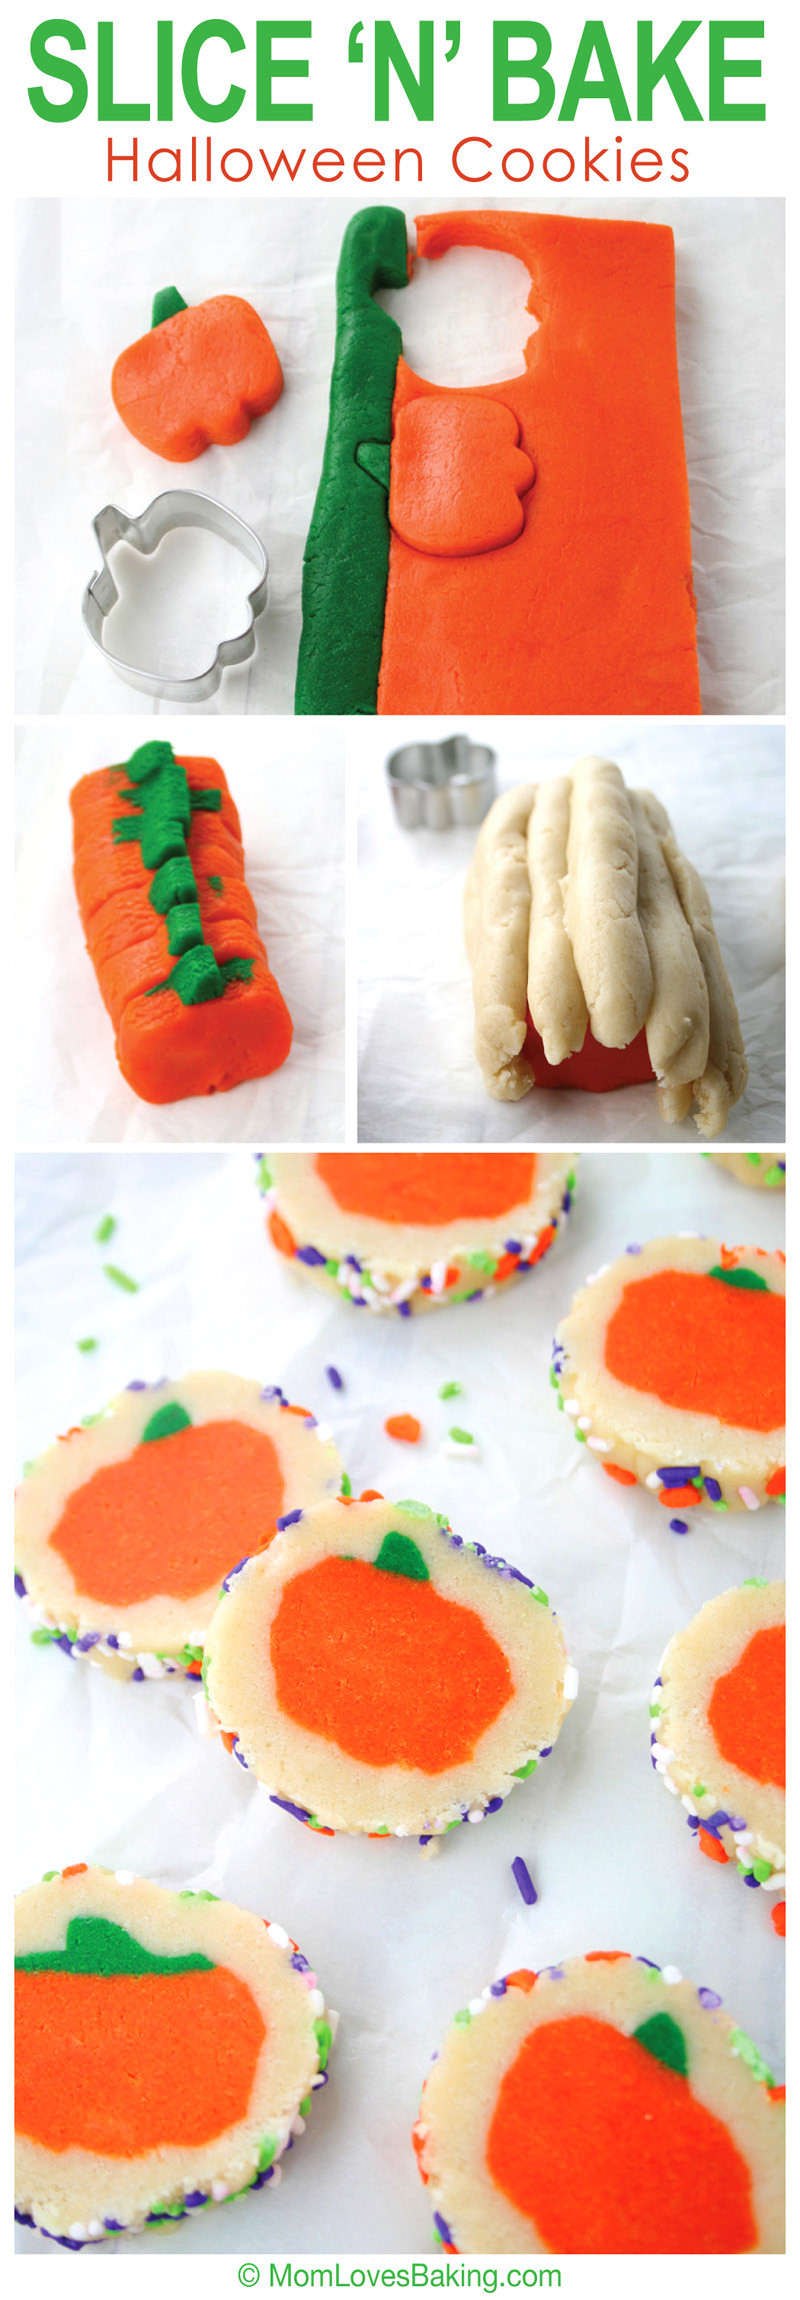 Slice And Bake Halloween Cookies  Slice N Bake Halloween Cookies